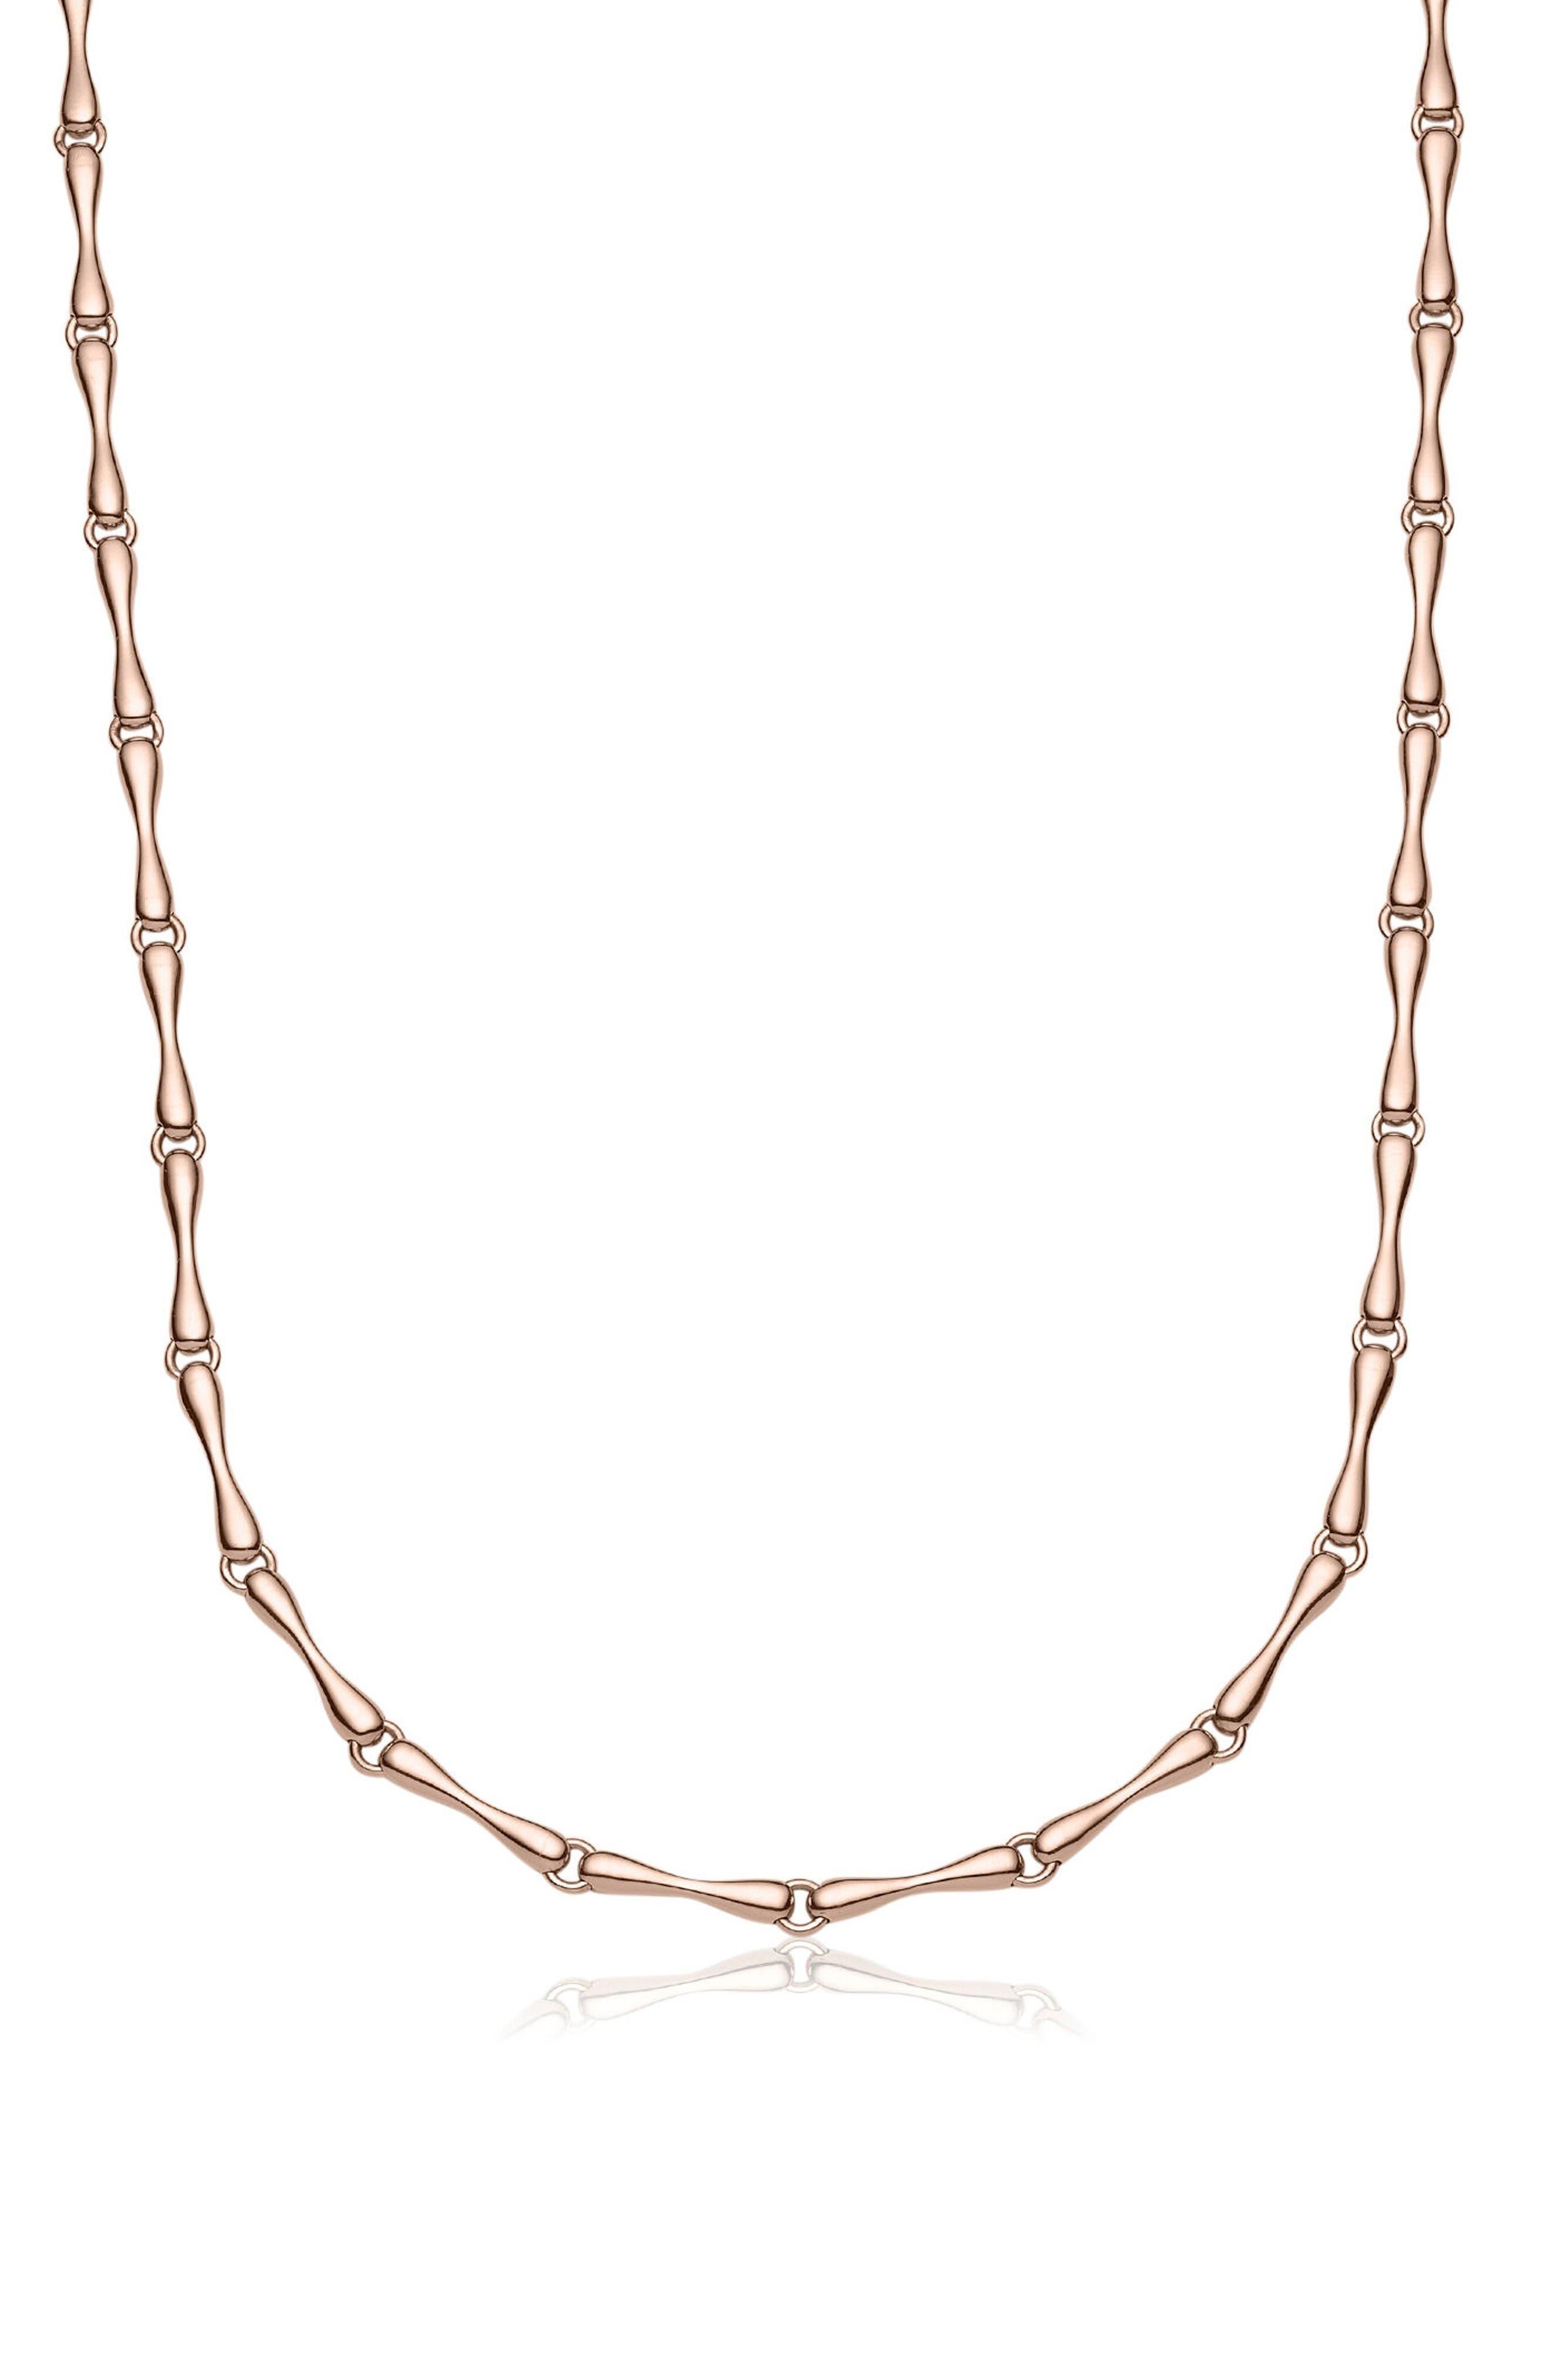 Monica Vinader Nura Reef Chain Necklace